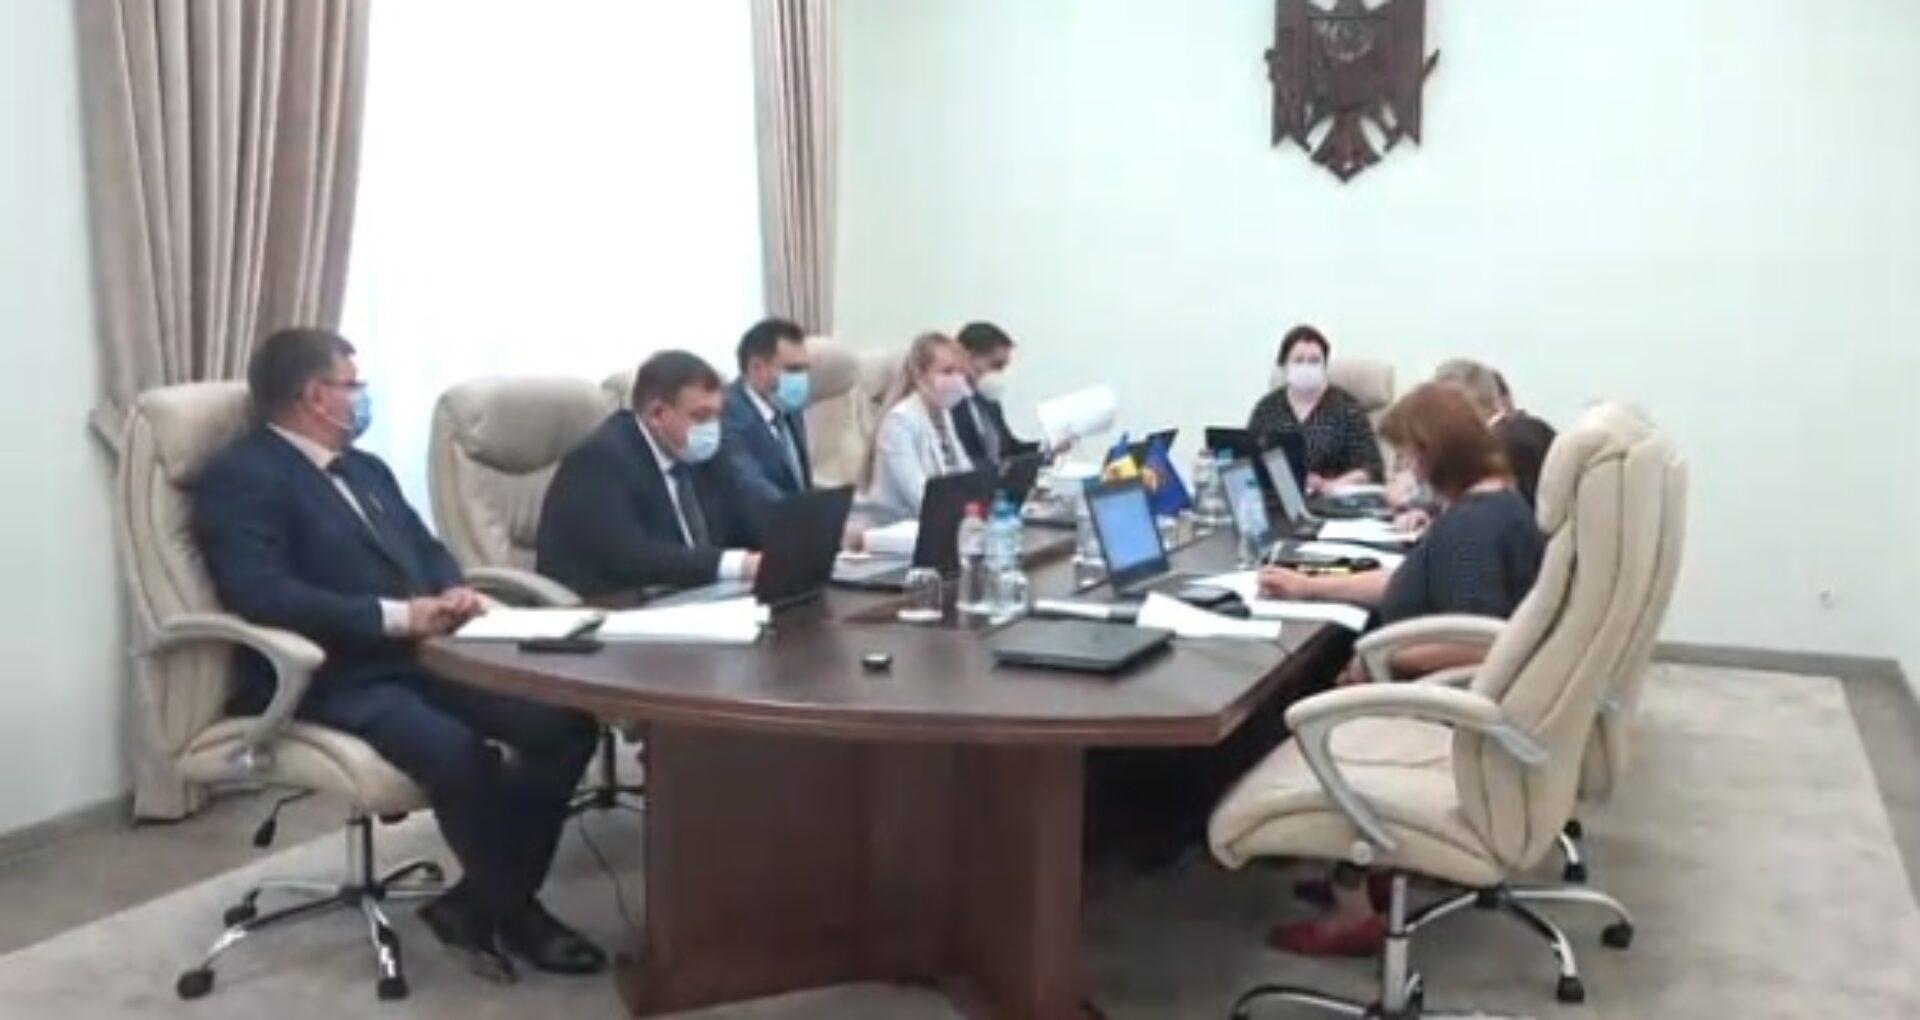 LIVE/ Ședința CSP: Examinarea demersului de modificare a structurii sistemului Procuraturii, pe ordinea de zi